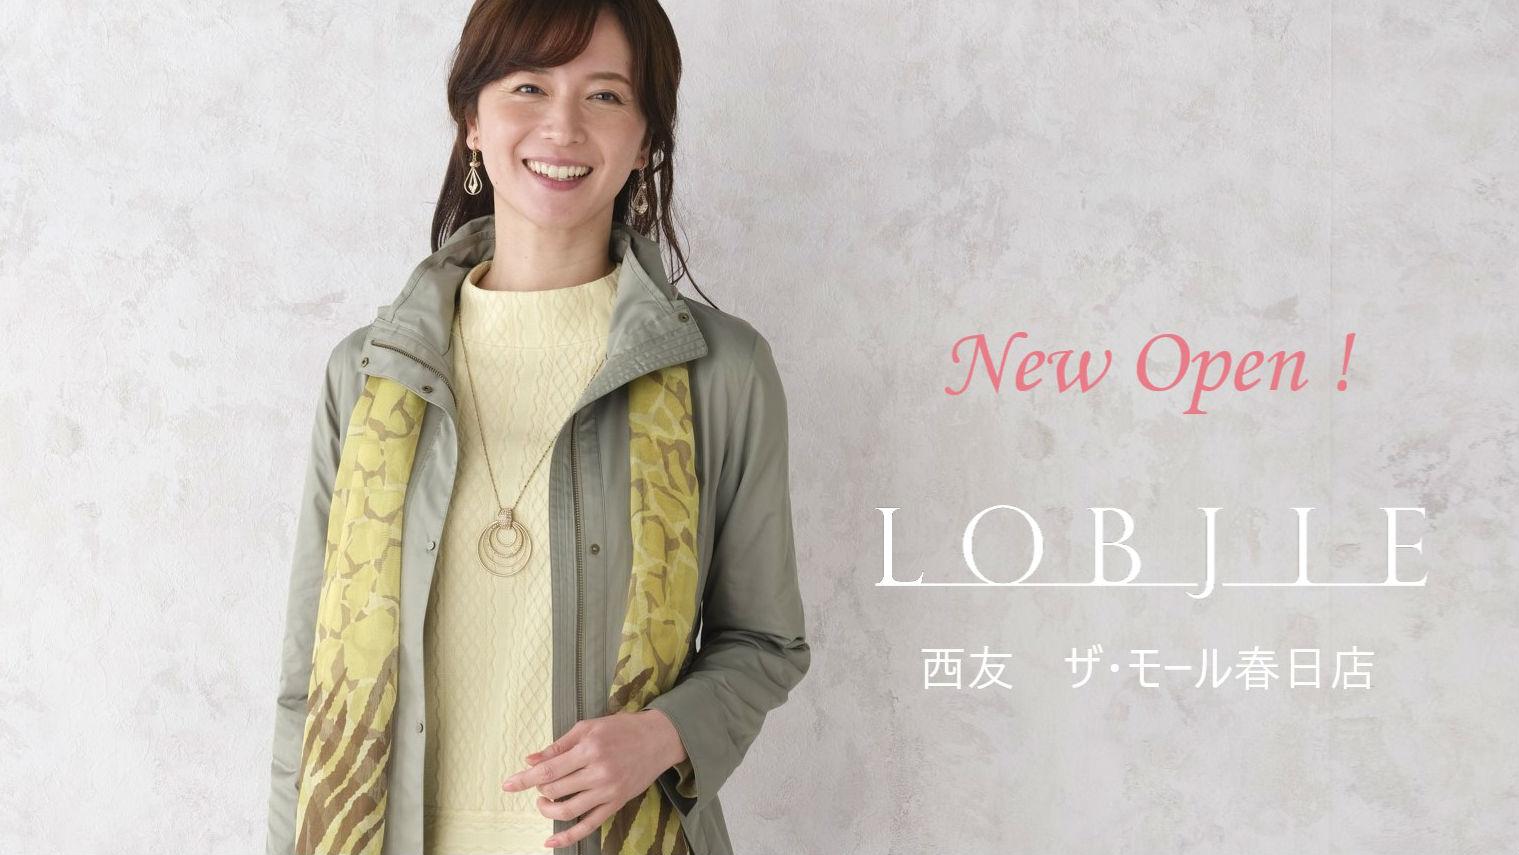 [LOBJIE] New Open!西友ザ・モール春日店